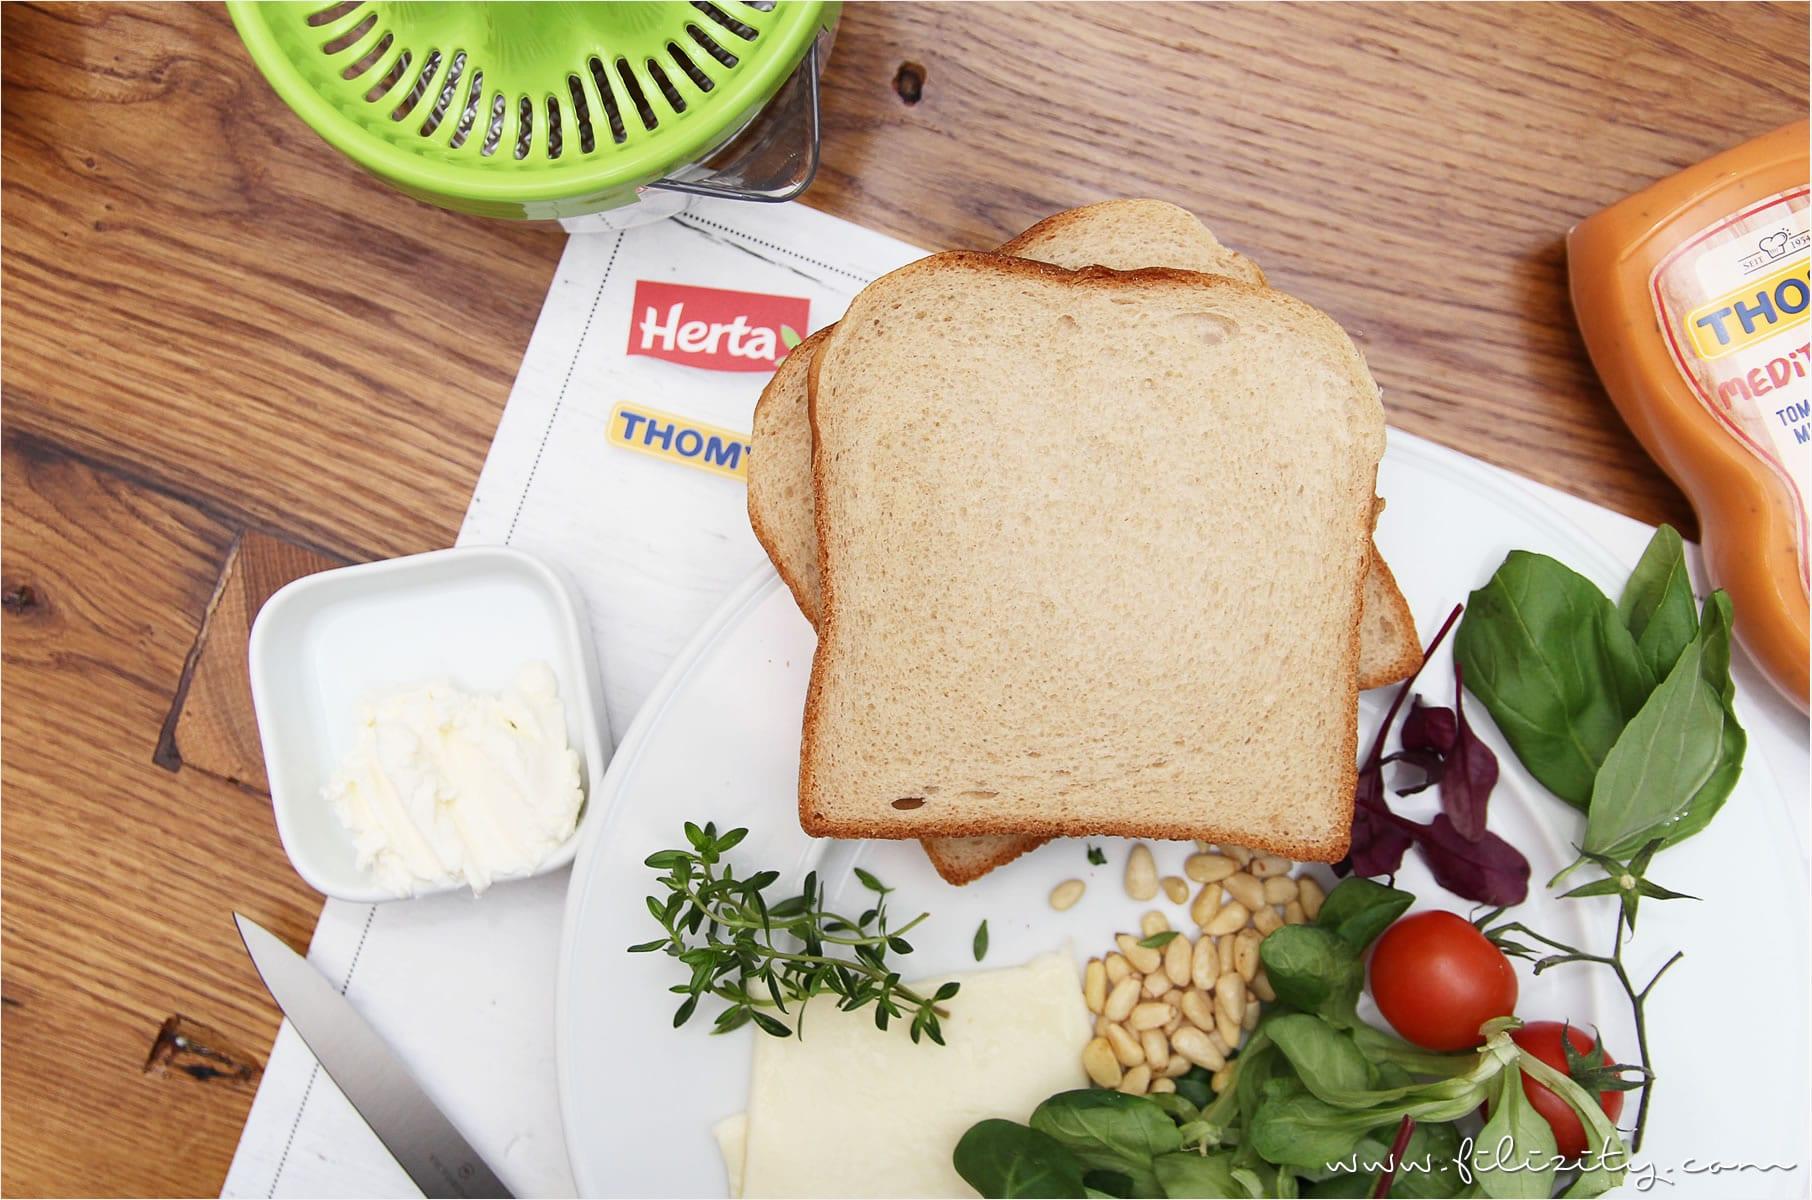 Mediterranes Sandwich mit Herta Finesse #lunchinstyle